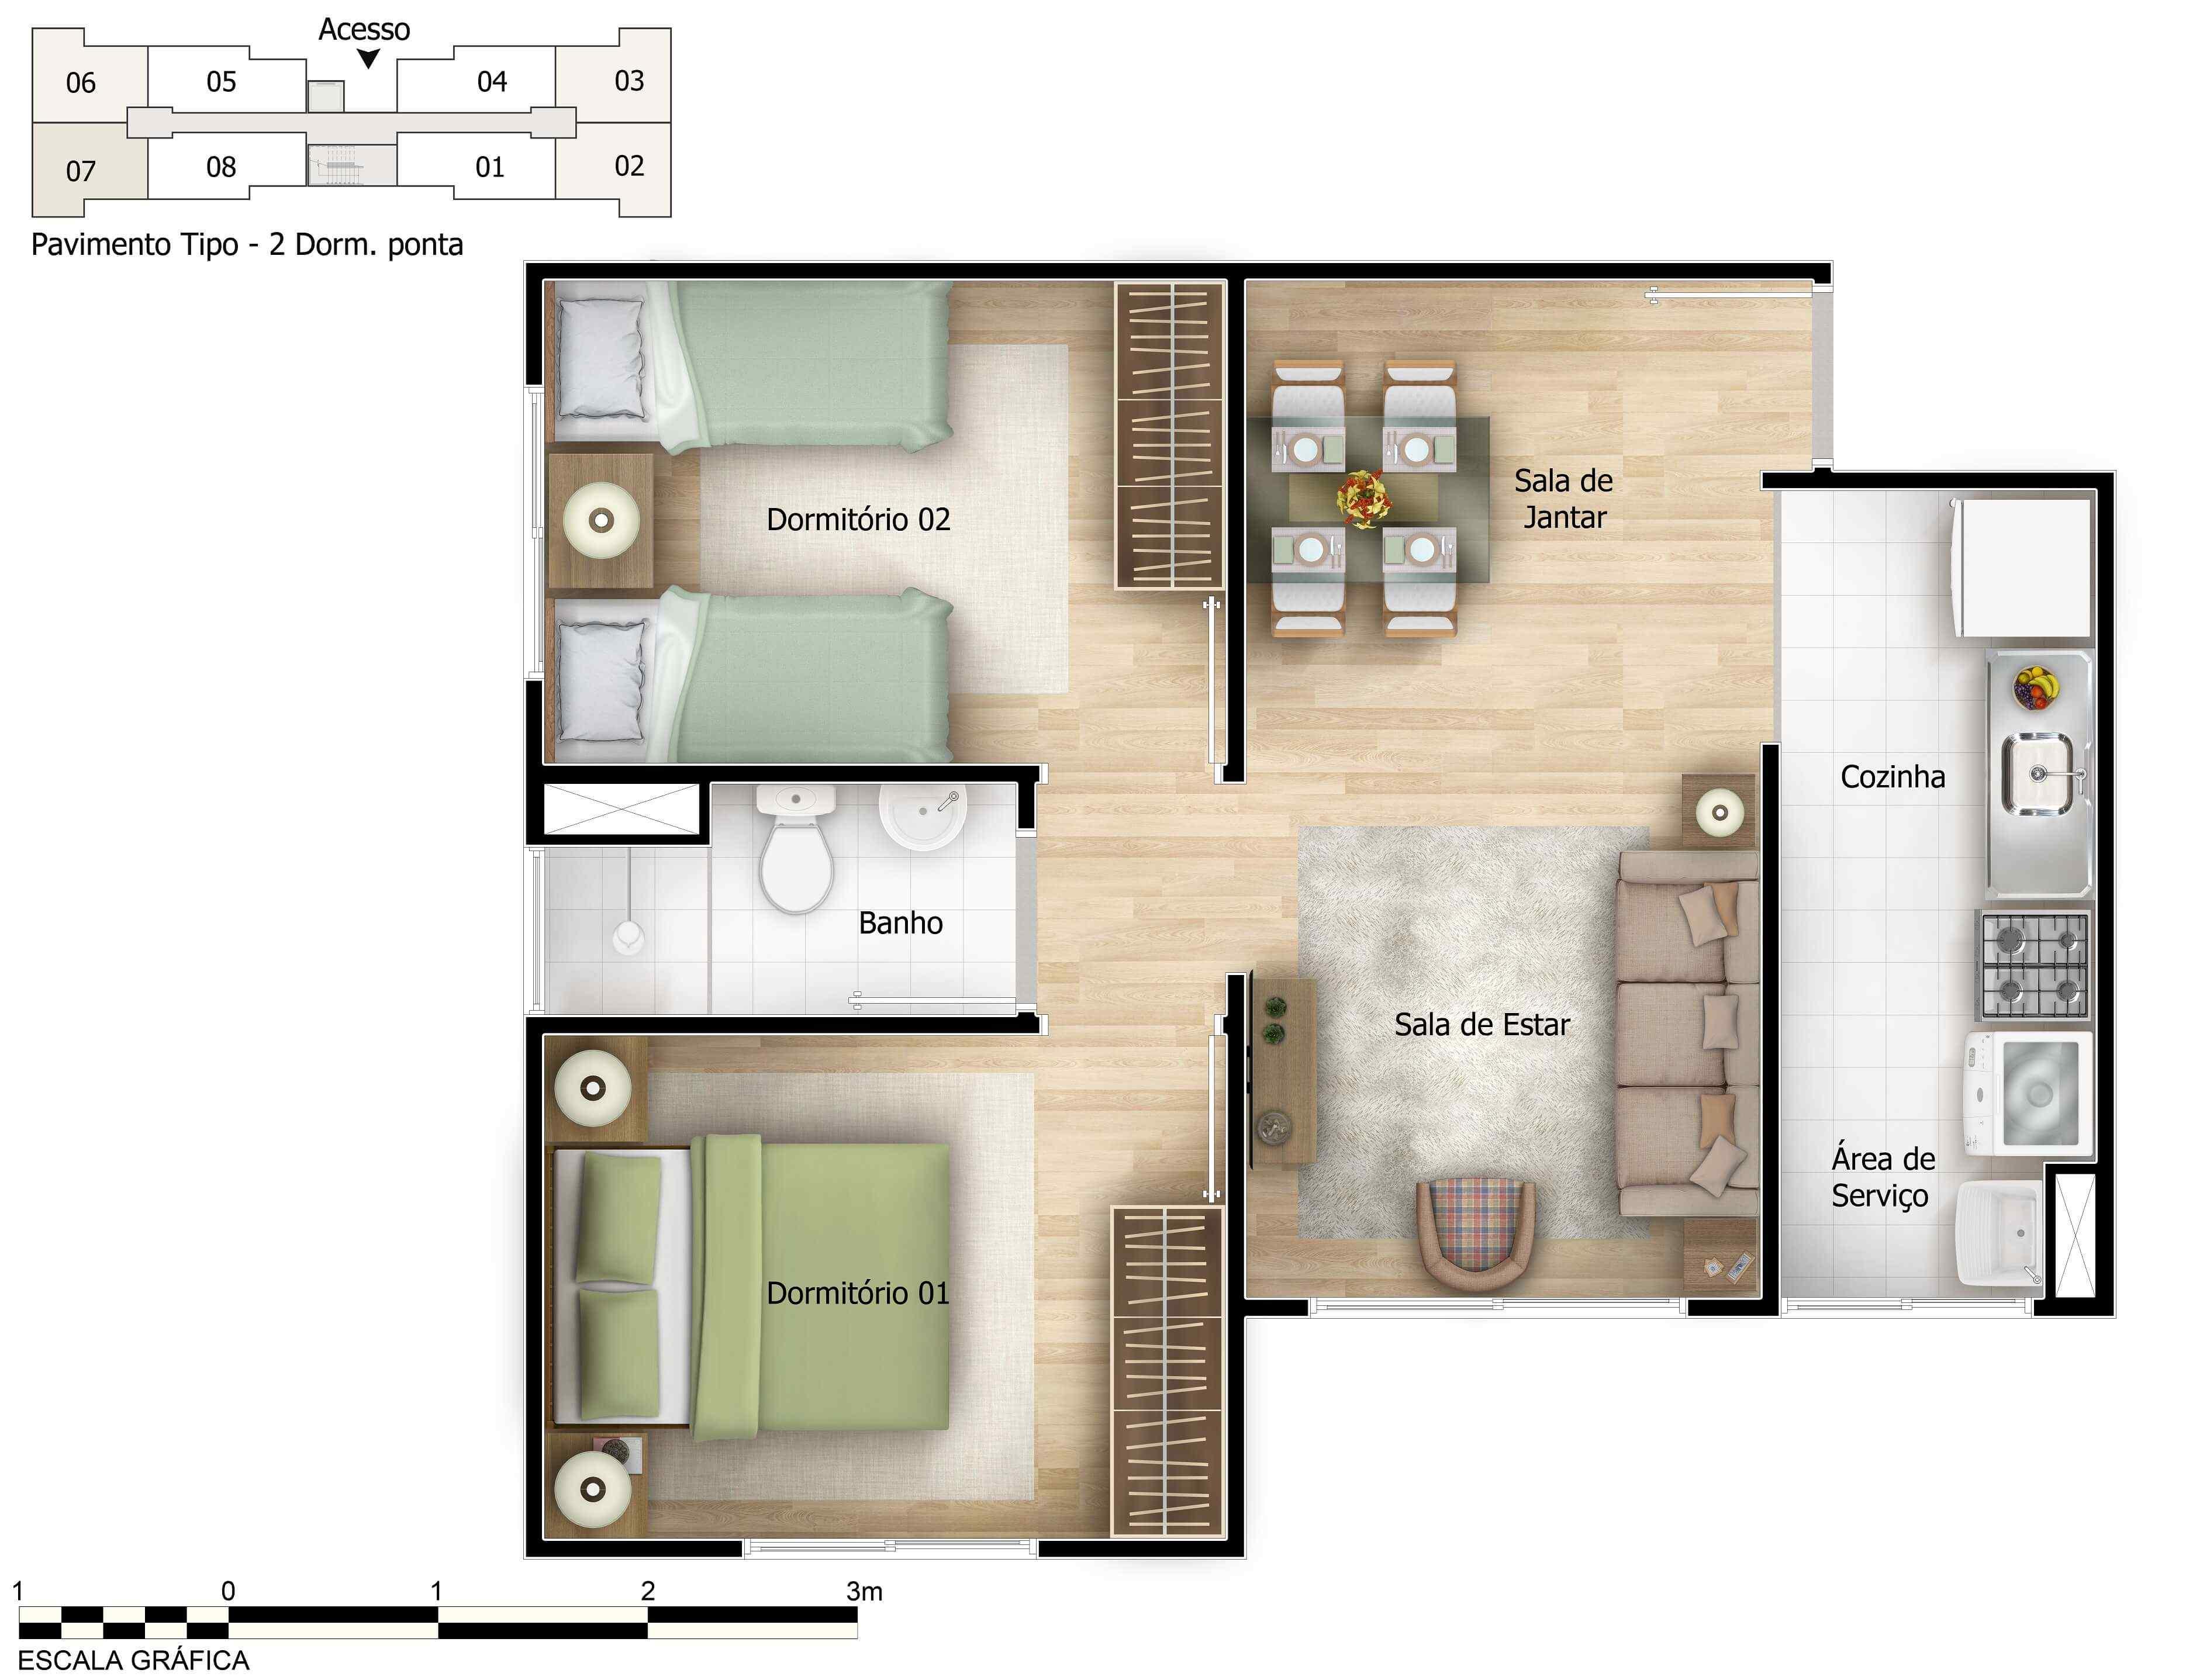 Planta baixa do Porto Trindade Apartamento Minha Casa Minha Vida | Tenda.com